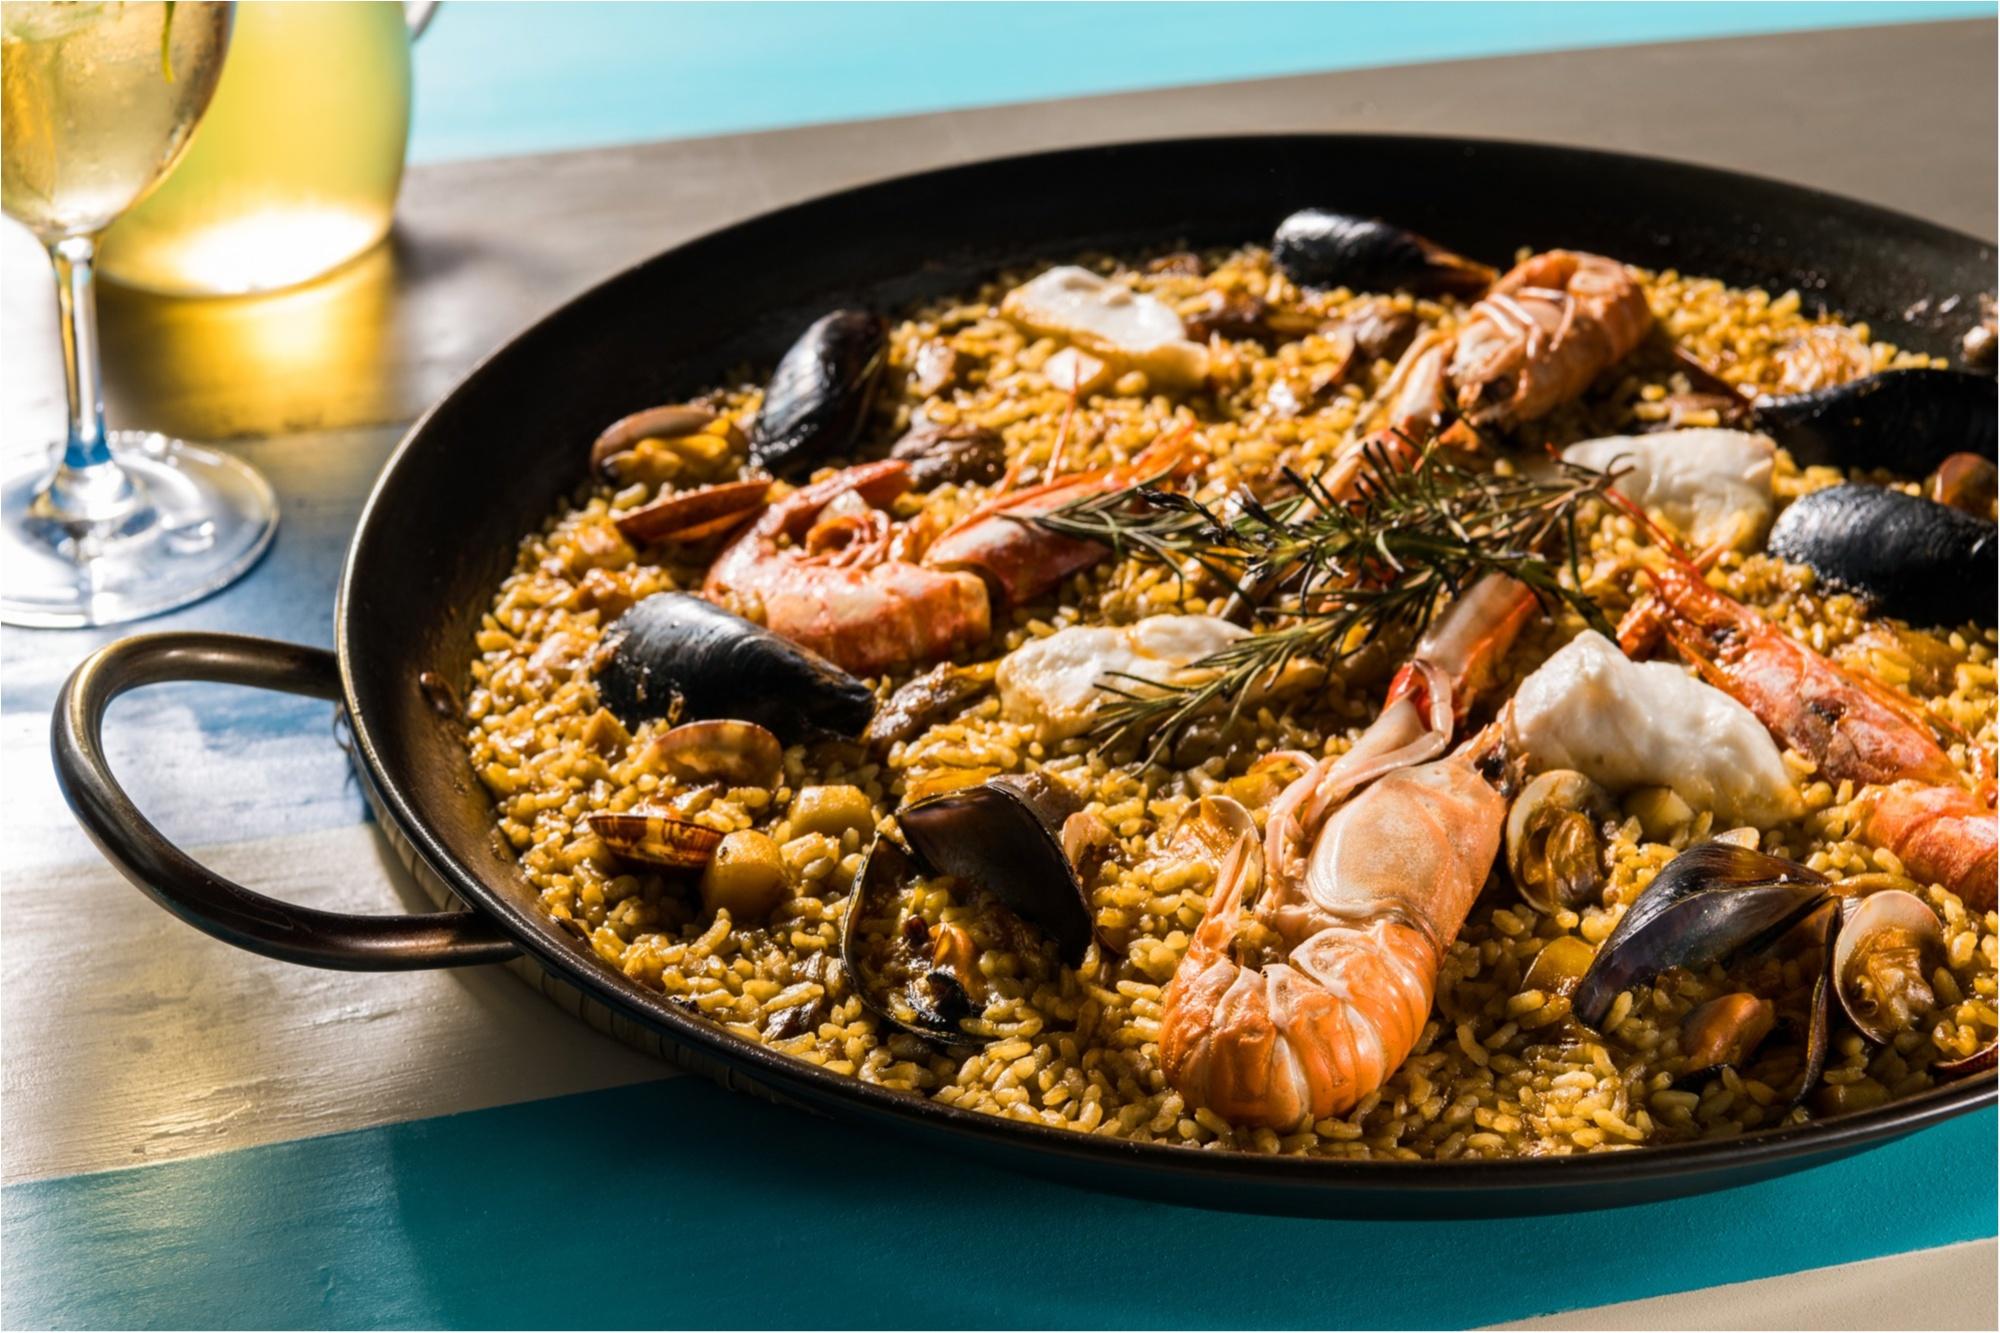 バルセロナで一番おいしいパエリアも、レモネード専門店も! 明日OPEN「渋谷ストリーム」の、MUST EAT5選♡_3_2